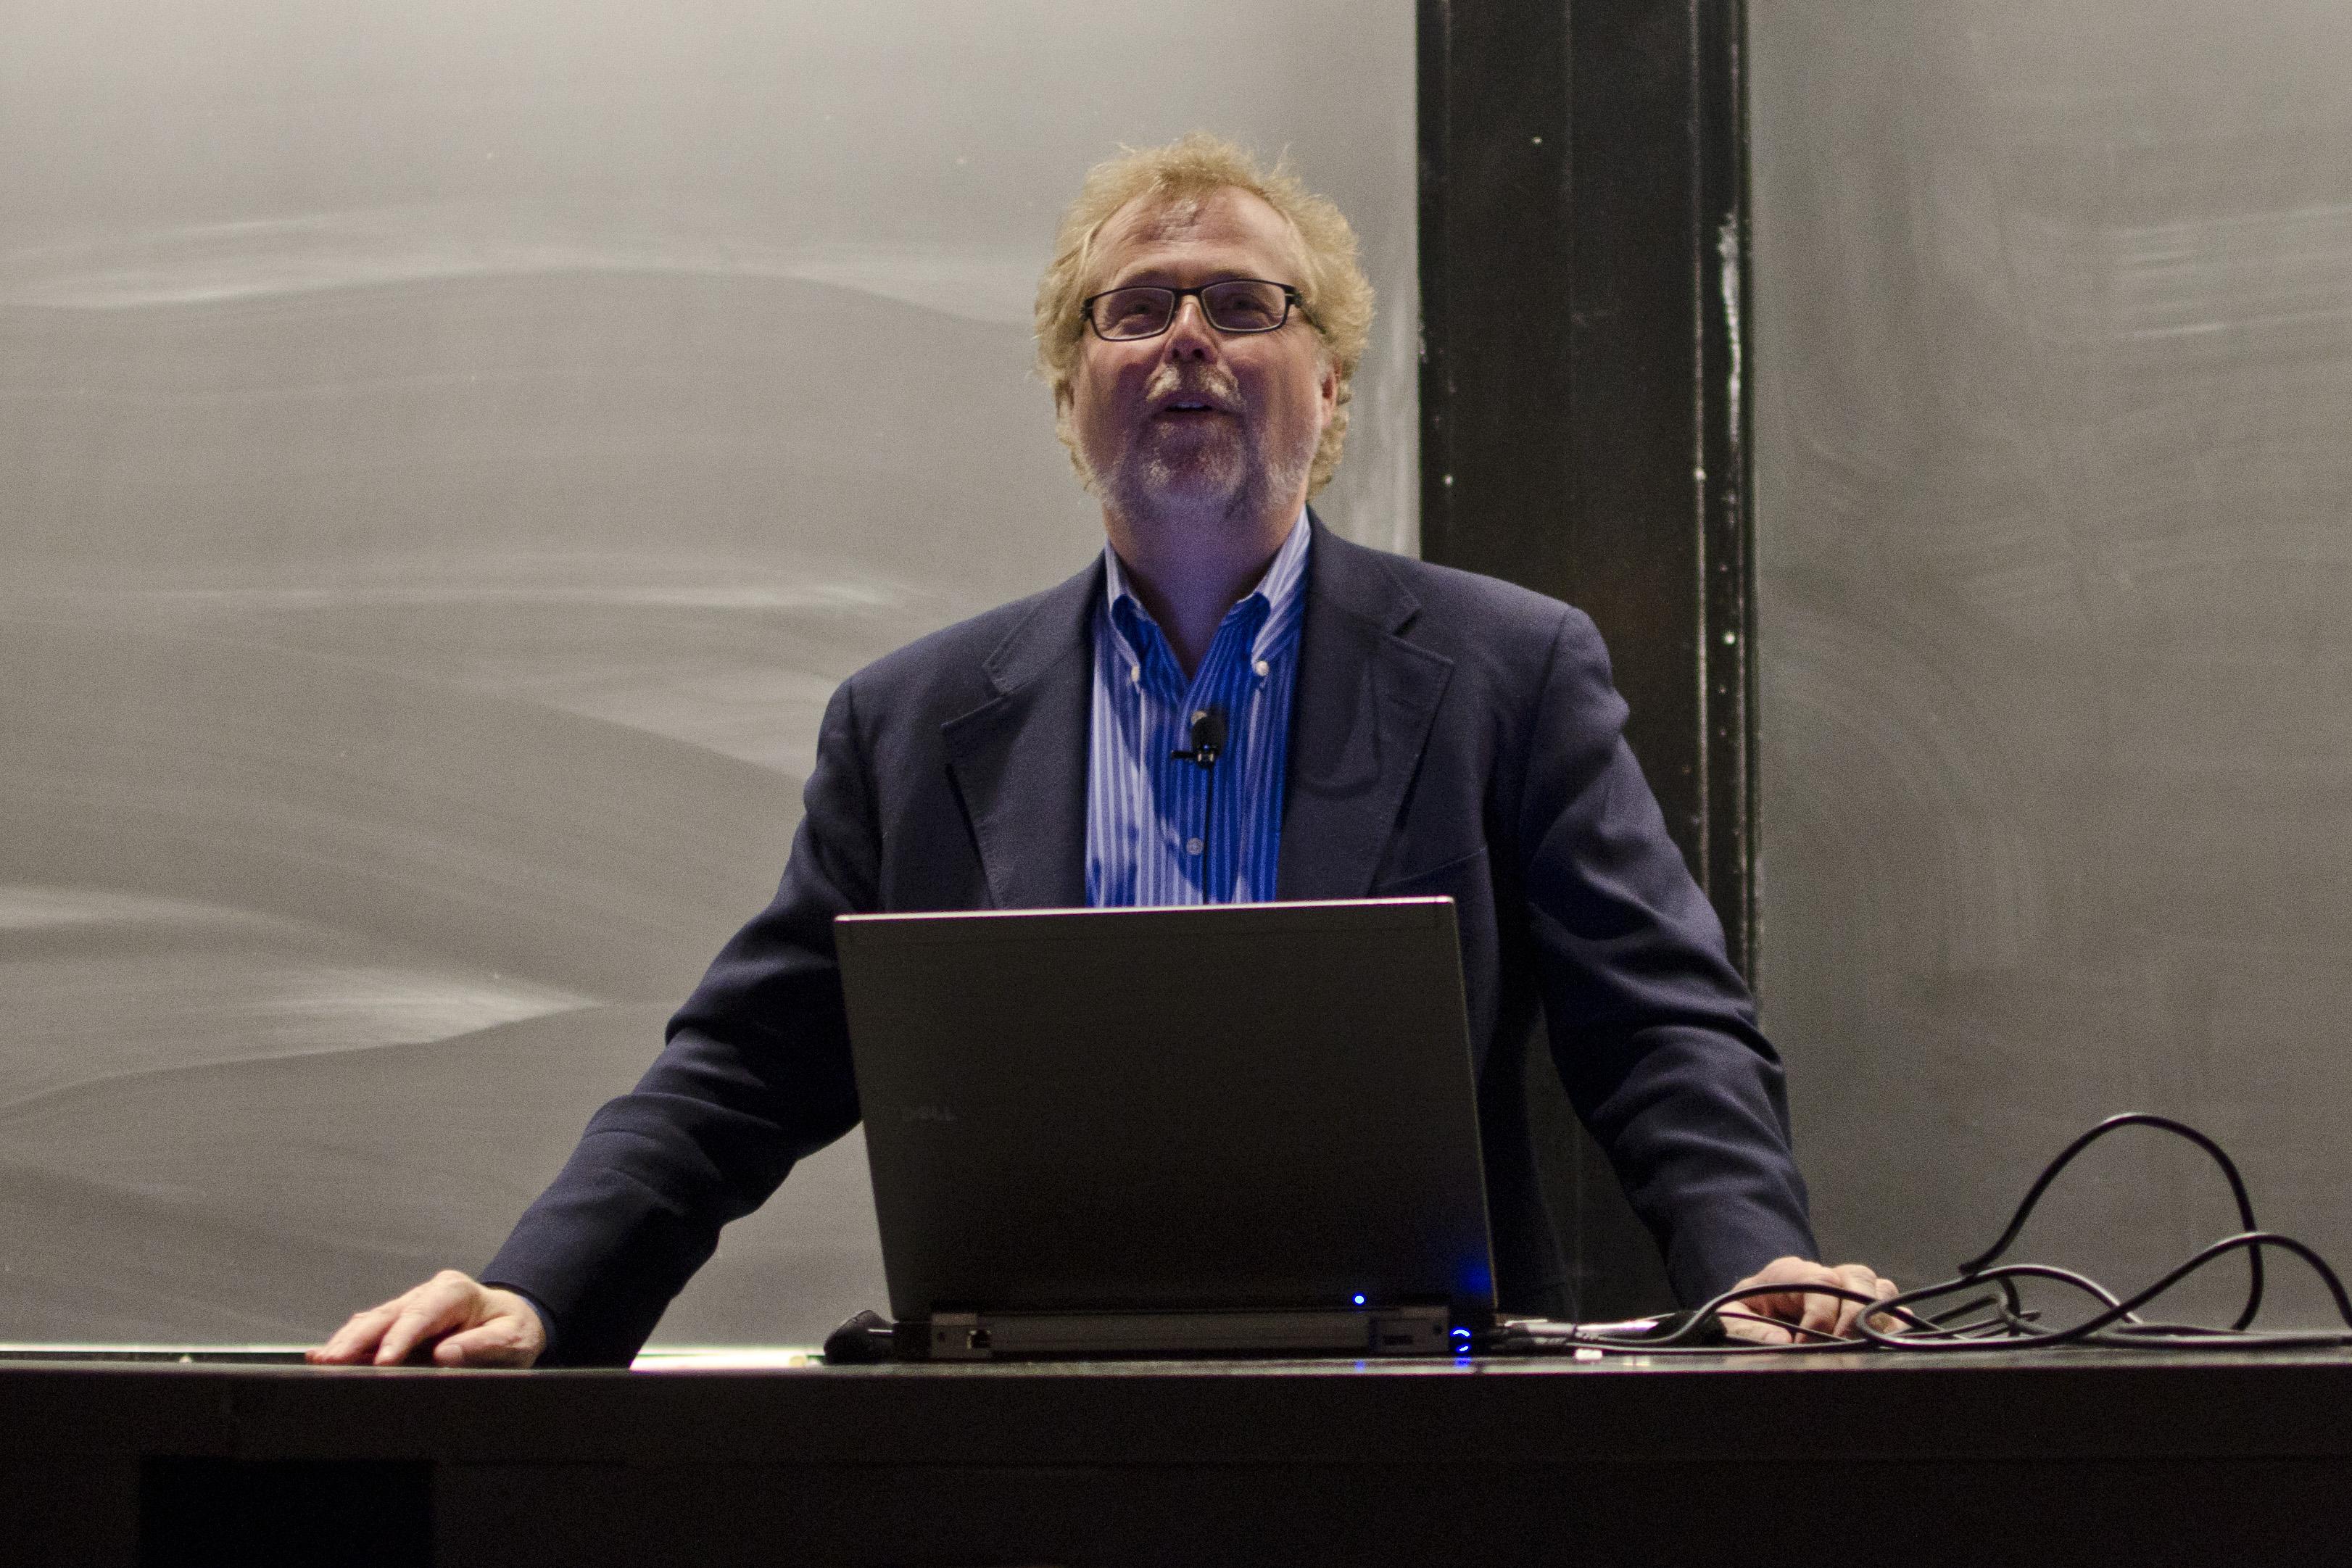 Nathan Myhrvold at Harvard, November 25, 2014